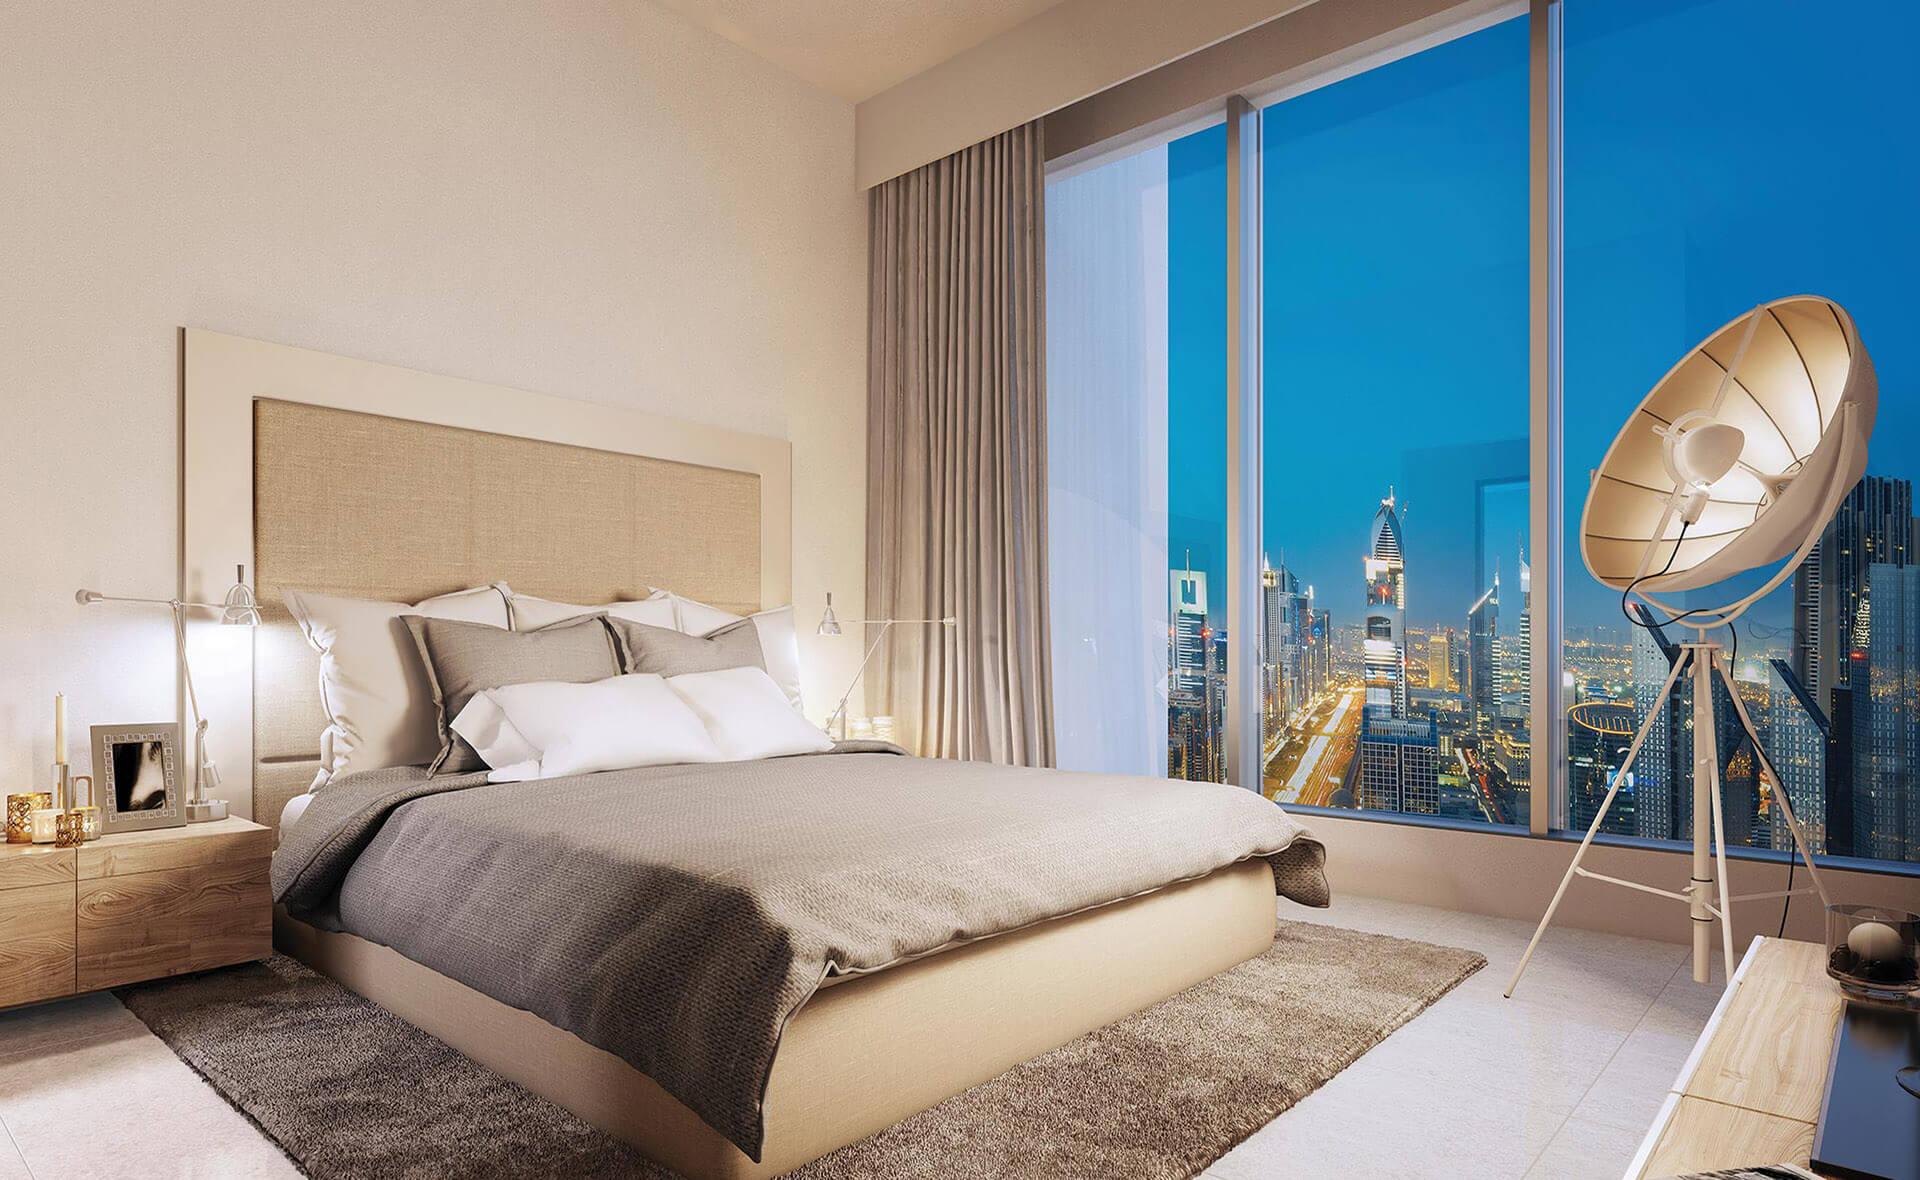 Apartamento en venta en Dubai, EAU, 1 dormitorio, 96 m2, № 23885 – foto 1